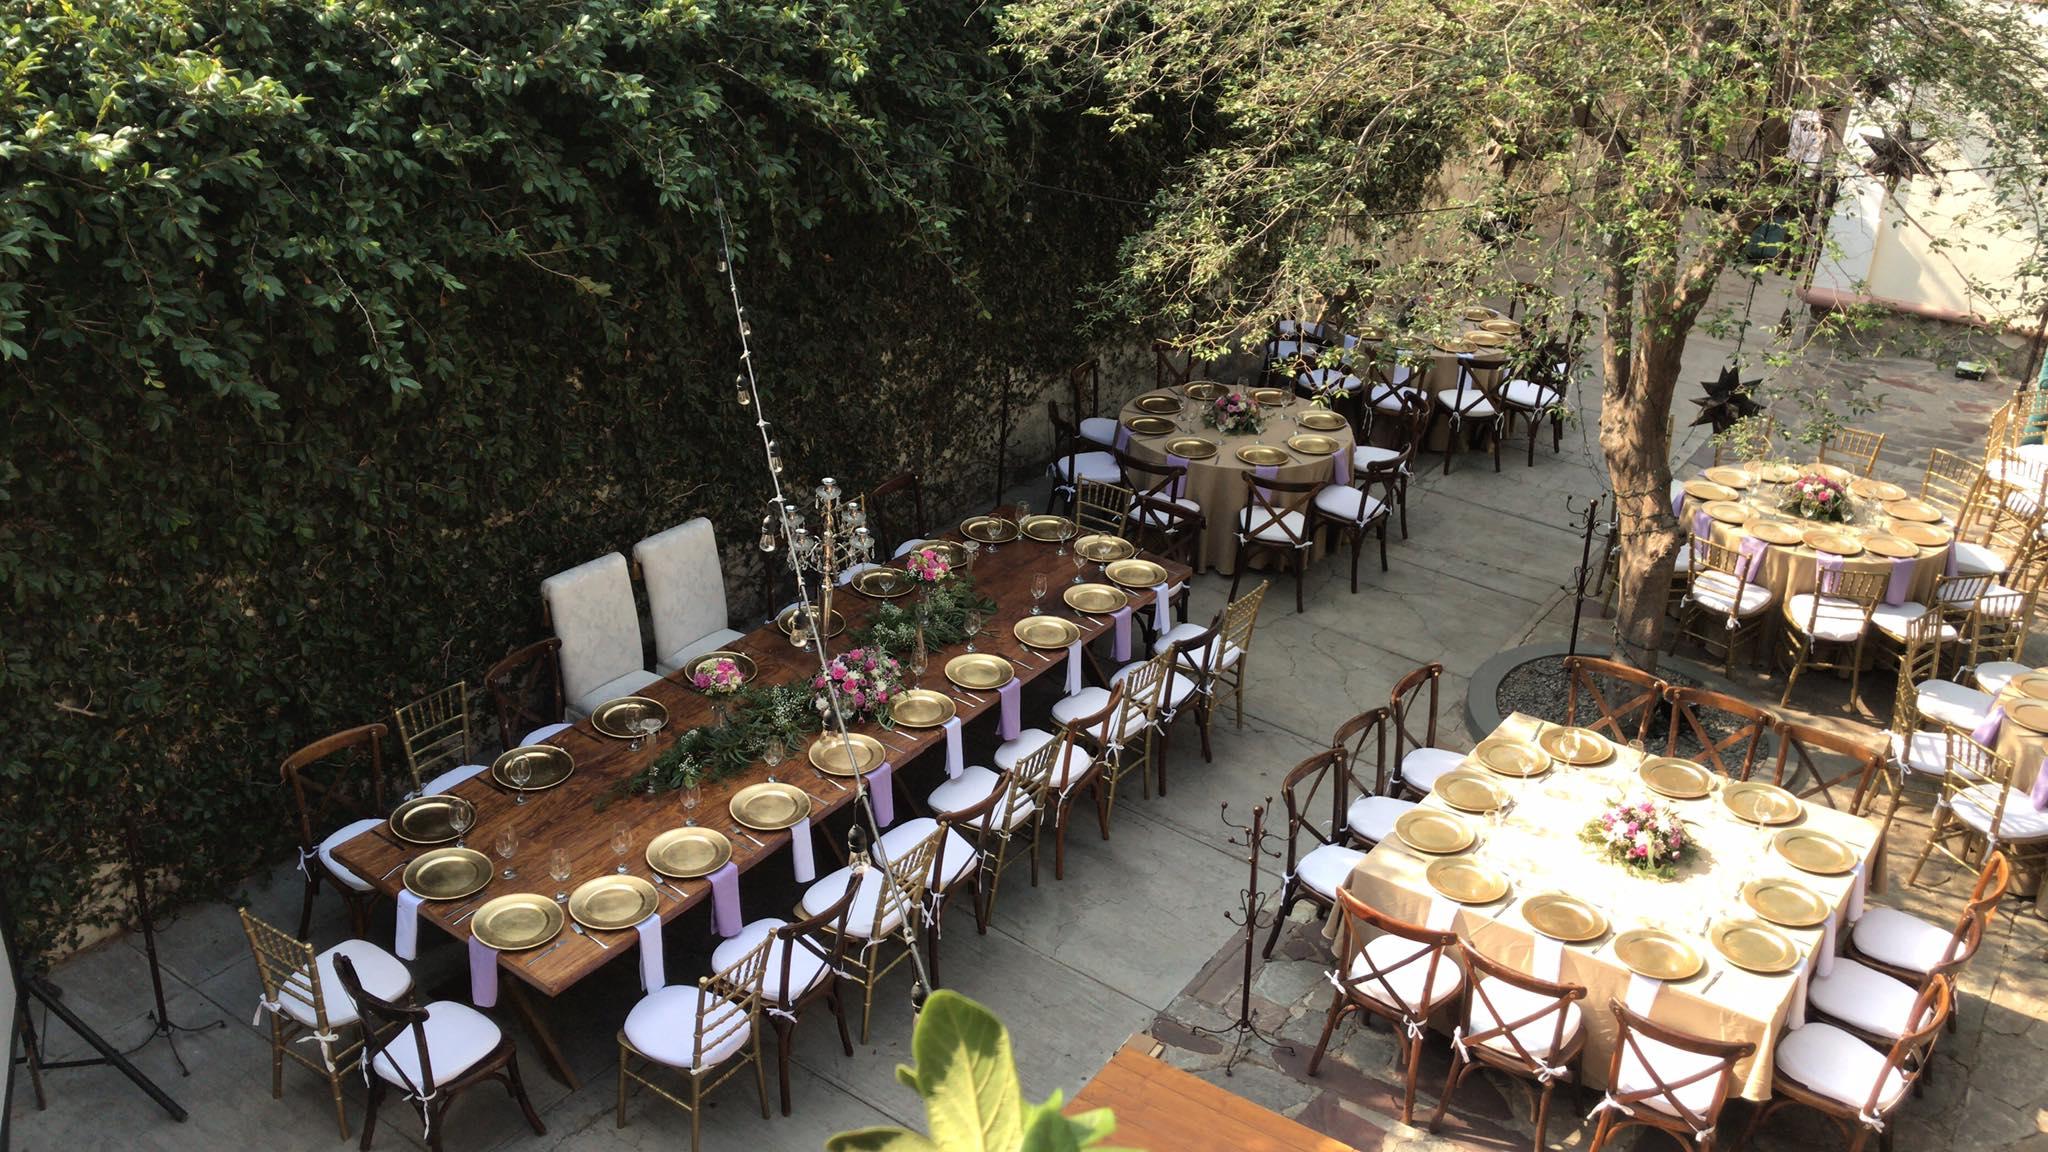 Imagen 3 del espacio La Casa del Relojero en Guadalajara, México